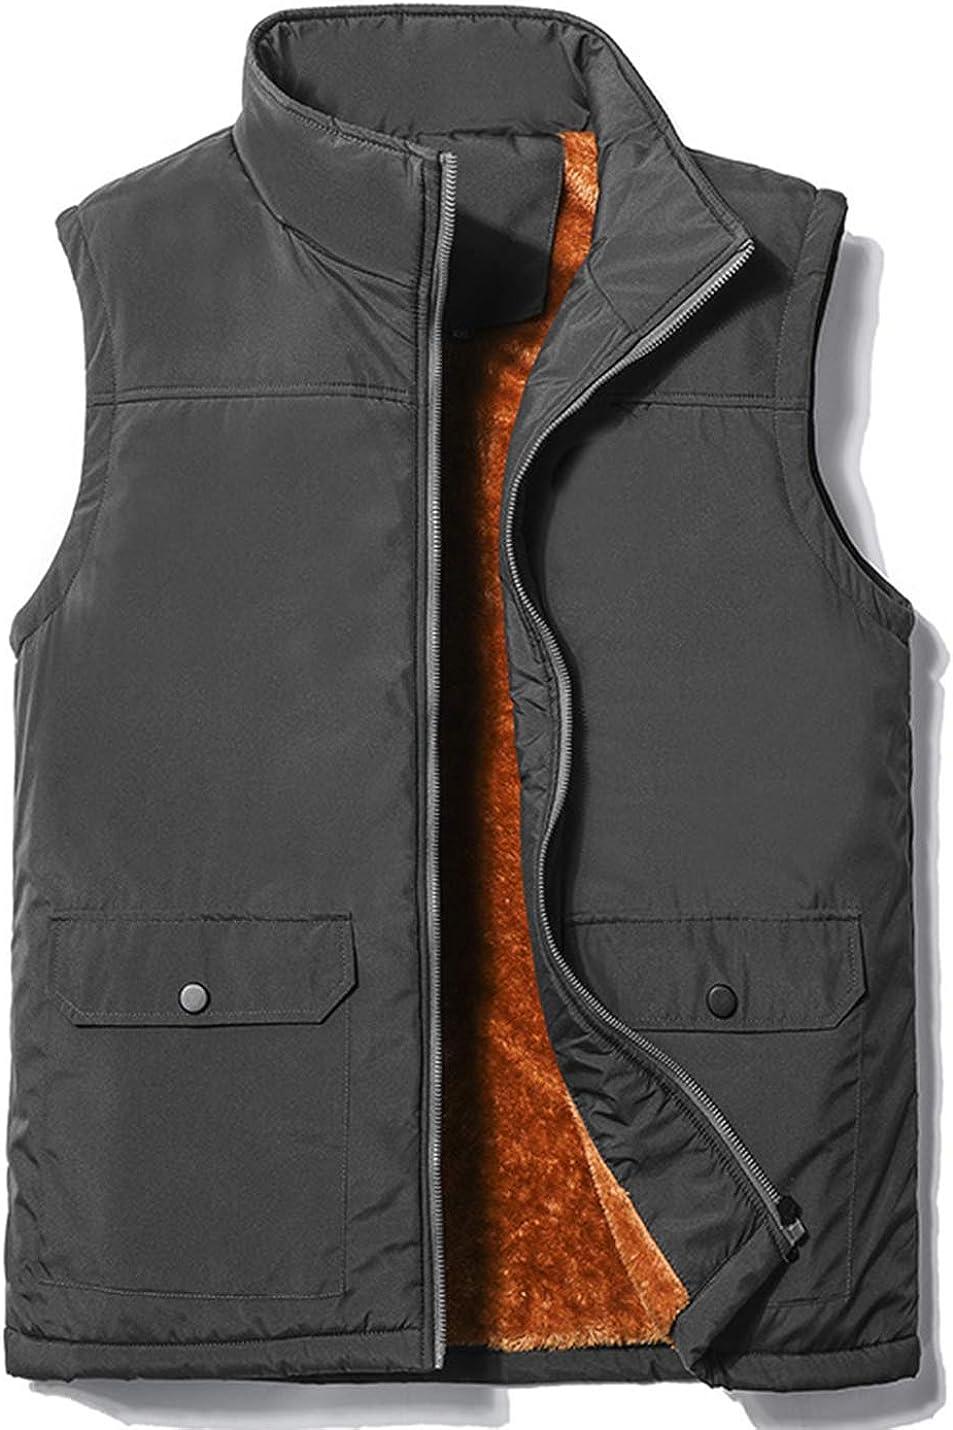 PEHMEA Men's Winter Warm Fleece Lined Sleeveless Jackets Outdoor Padded Fishing Vest